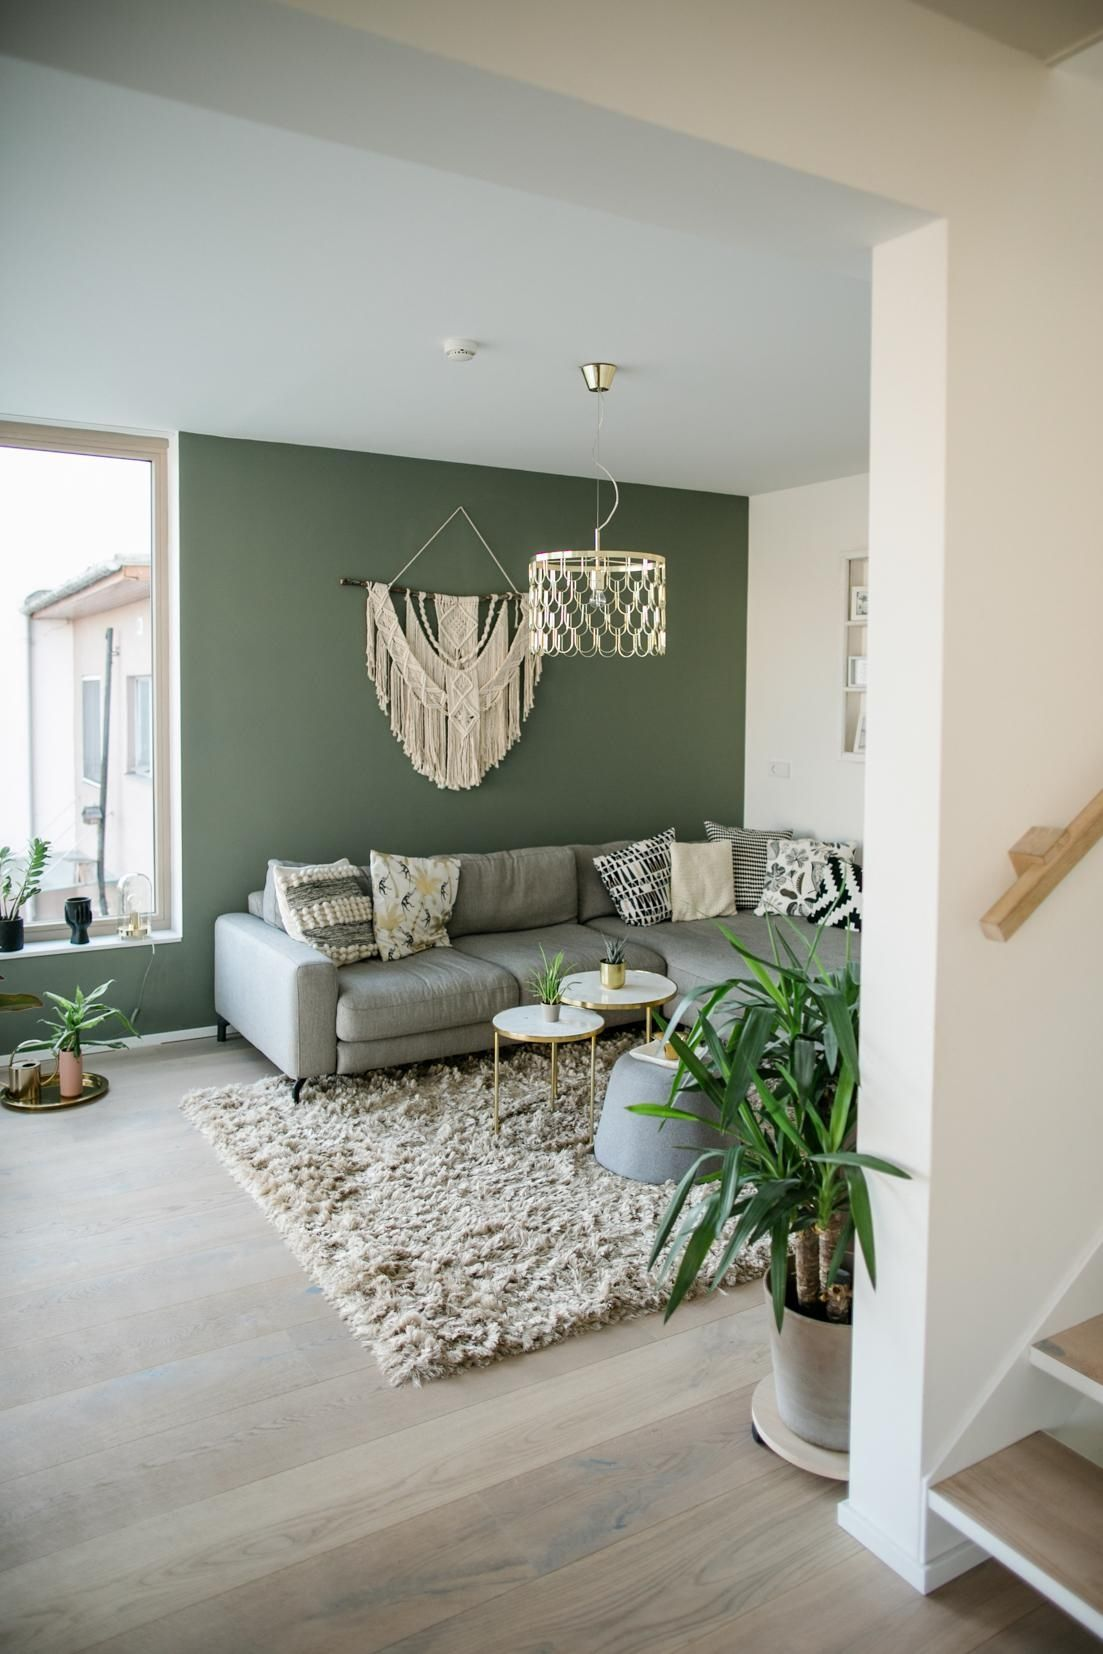 Full Size of Landhausküche Wandfarbe Wohnzimmer Mit Grner Moderne Grau Weiß Weisse Gebraucht Wohnzimmer Landhausküche Wandfarbe